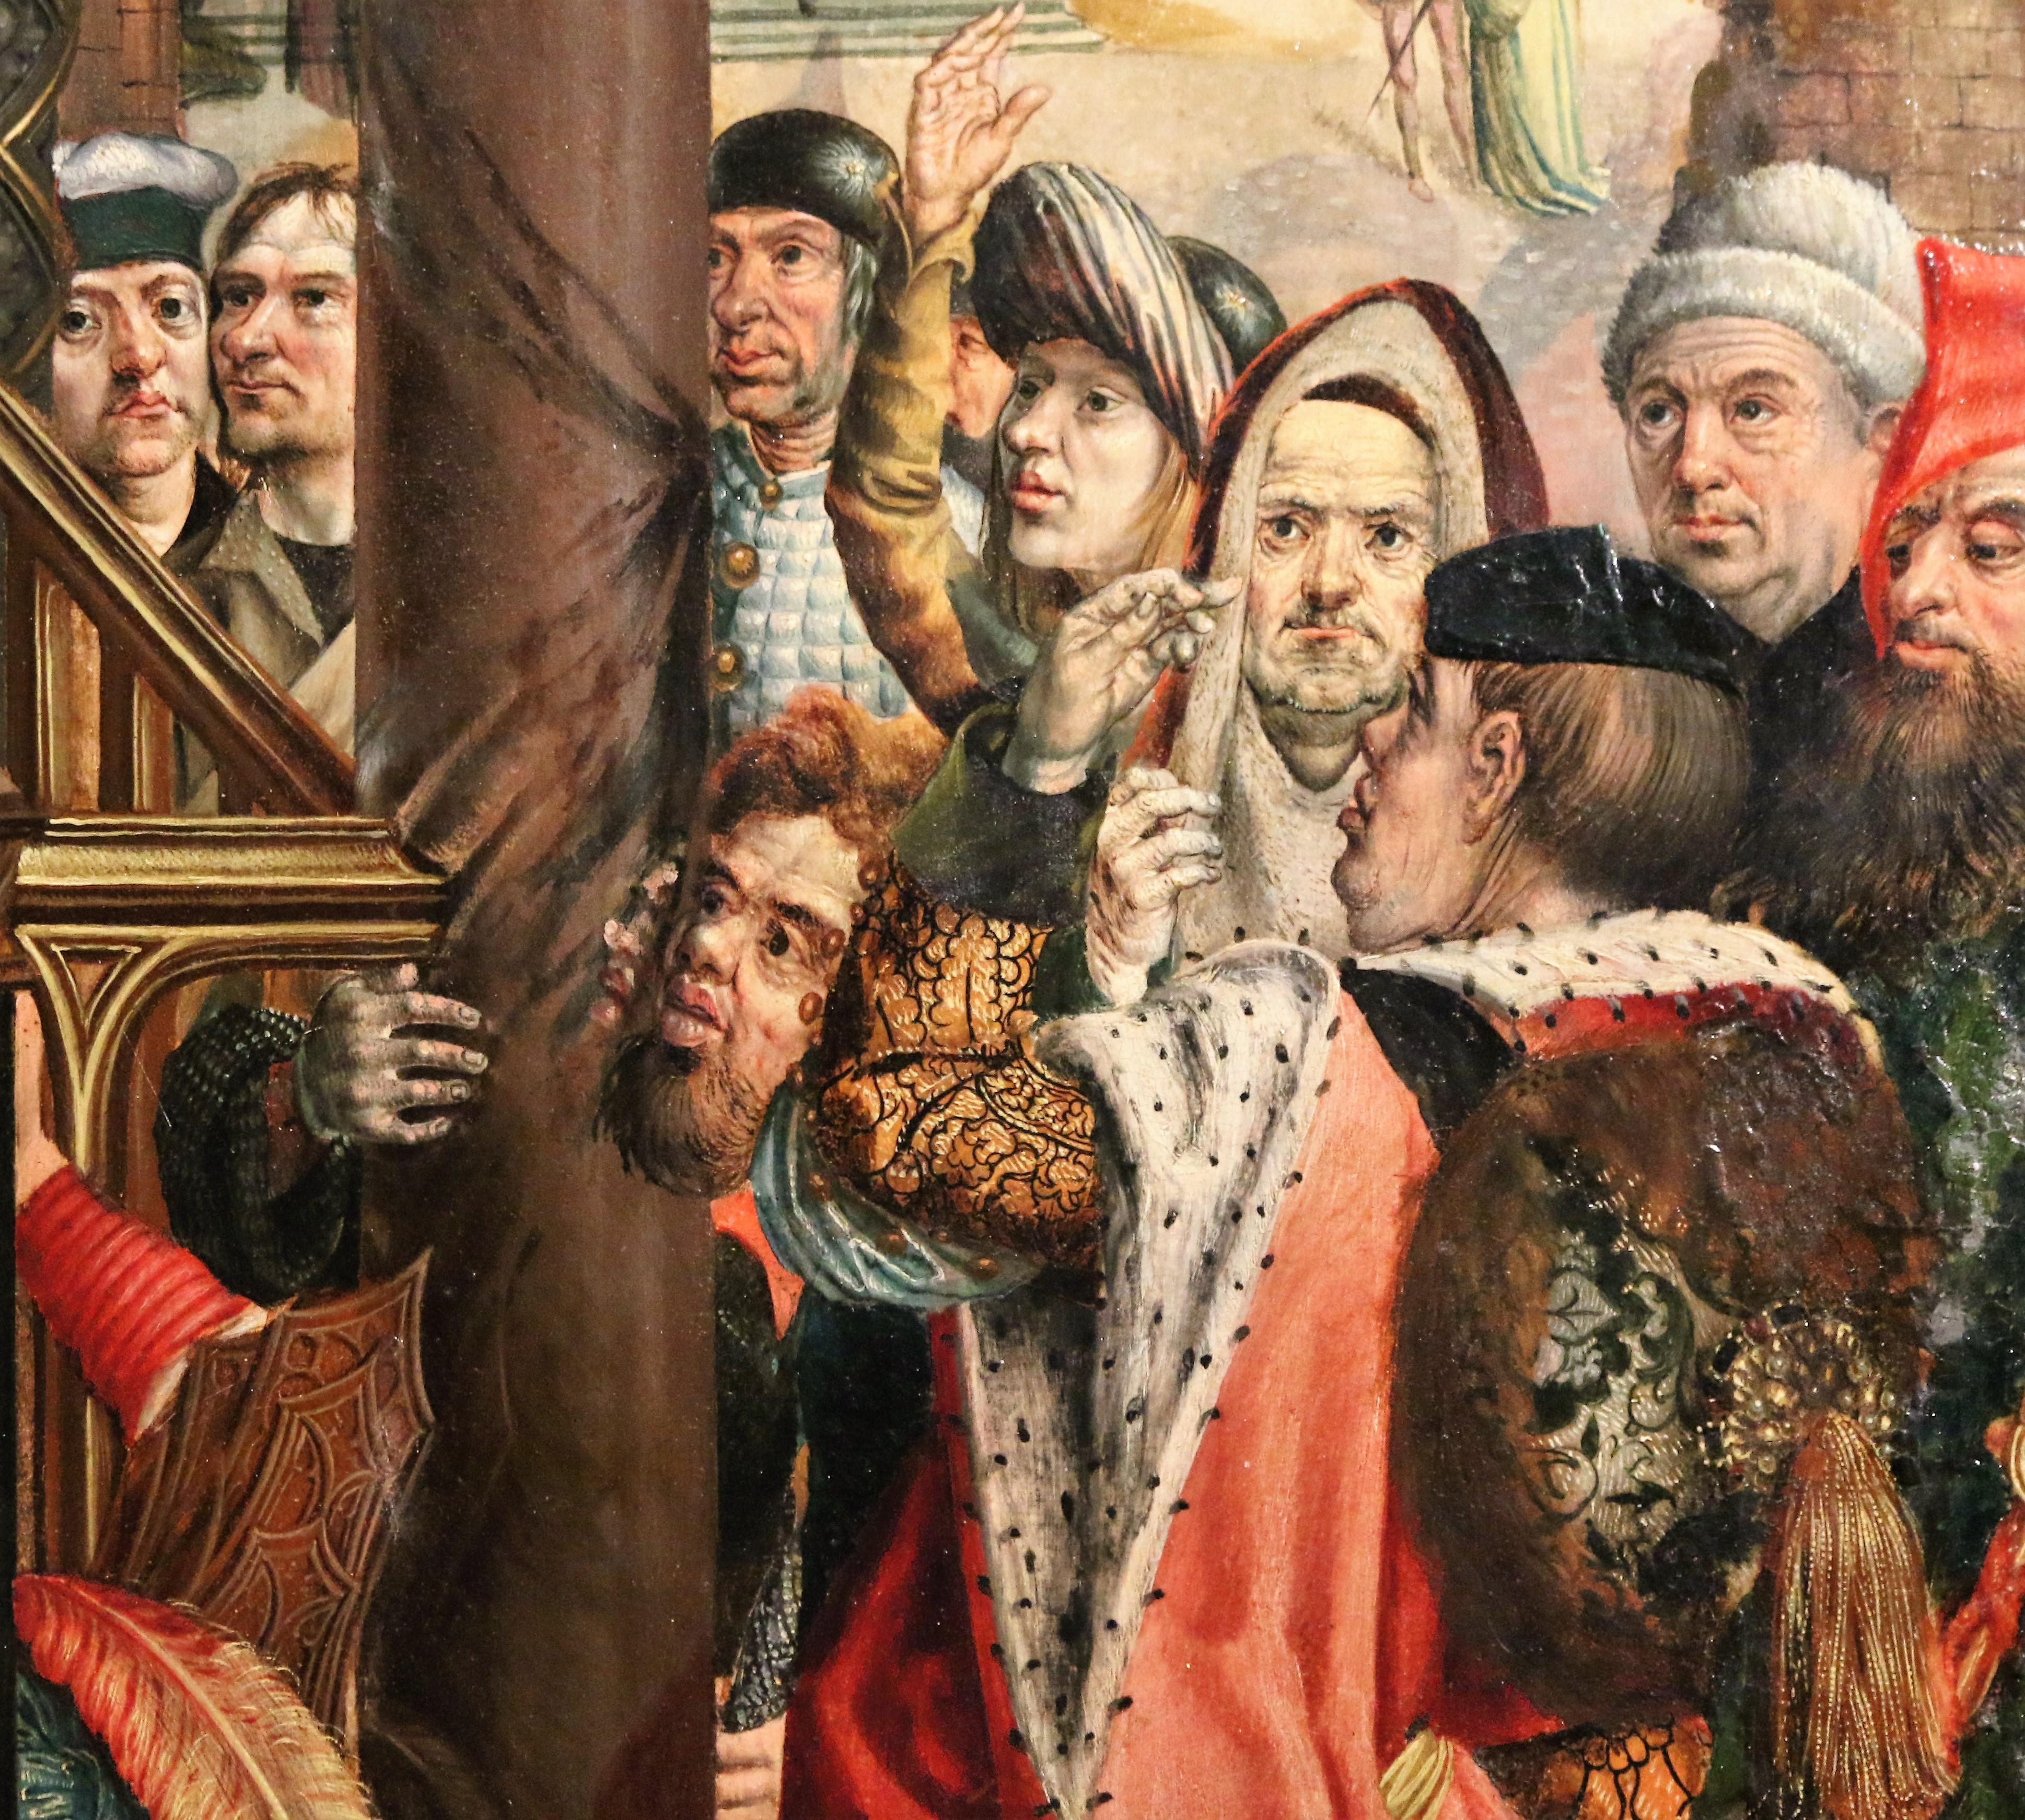 05-ludzie-sredniowiecza-odrazajacy-i-brudni-fot-jerzy-s-majewski